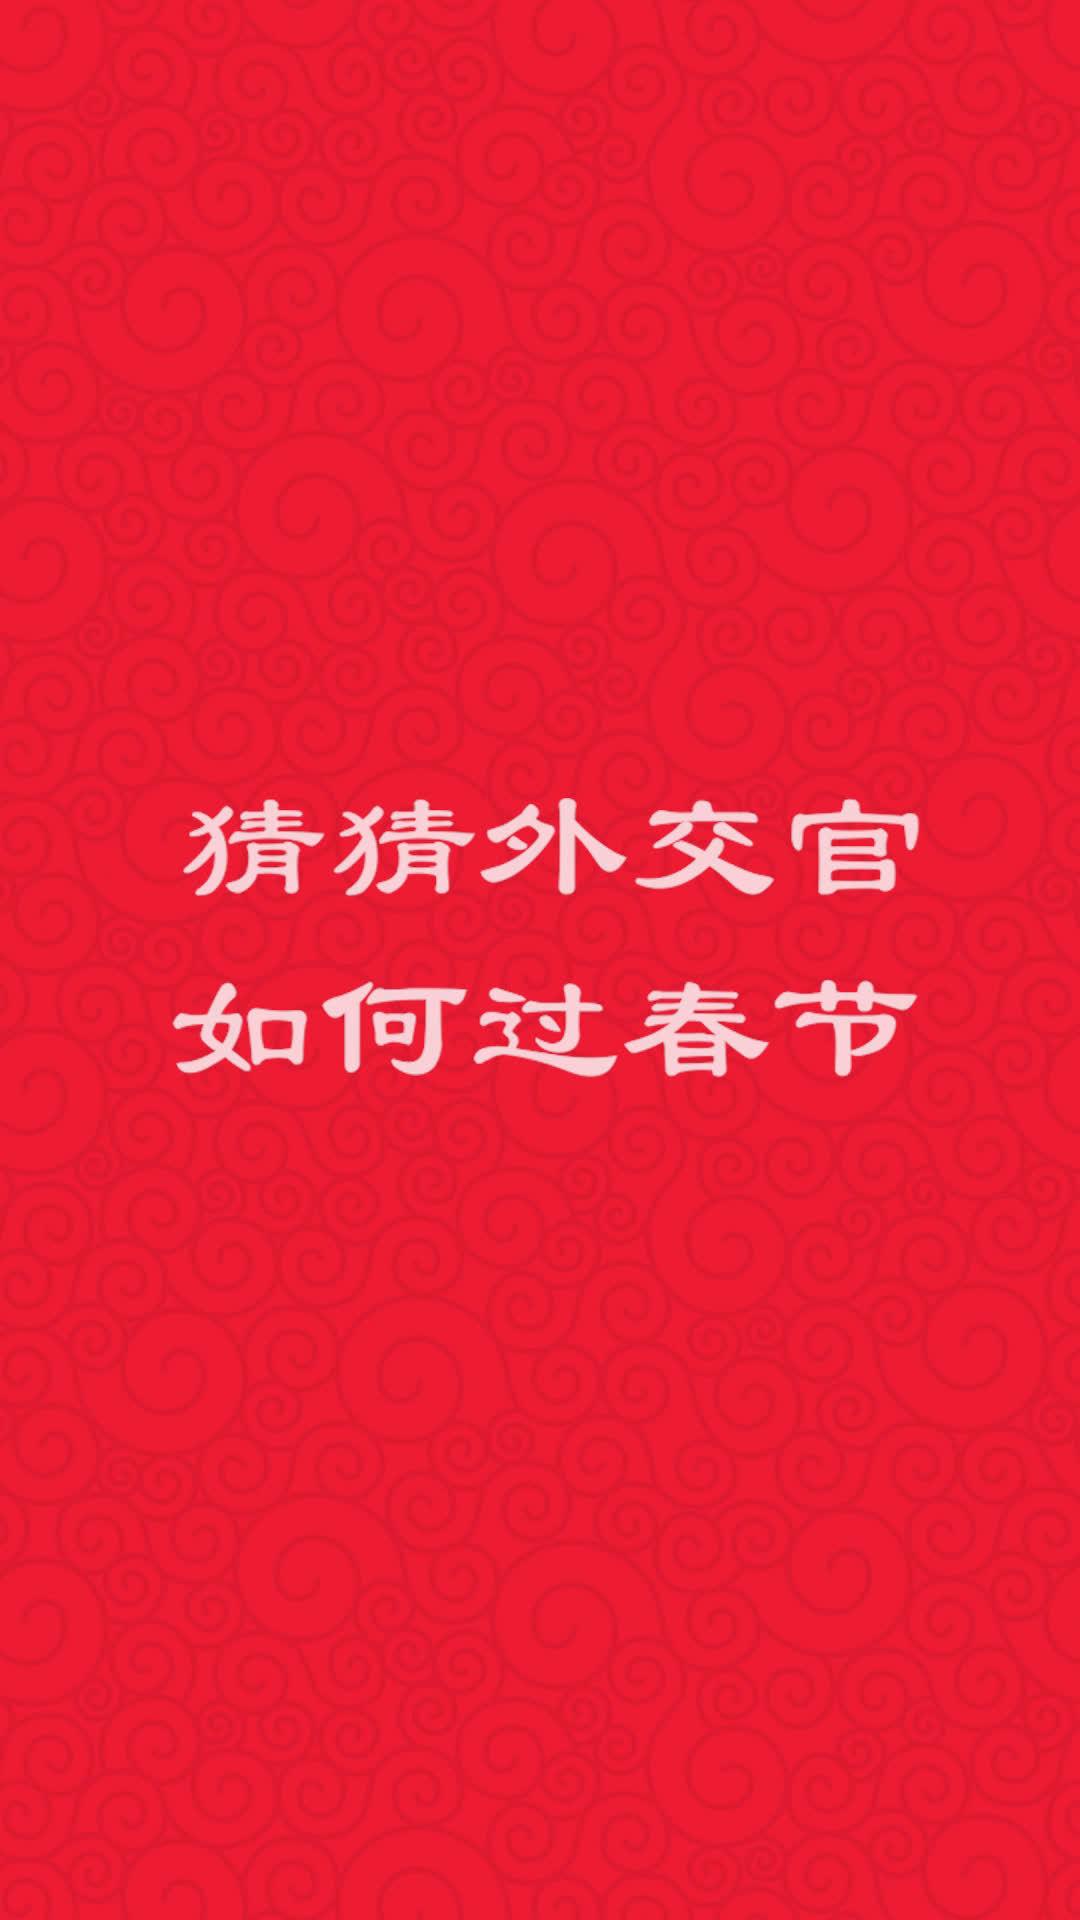 中国的外交工作人员遍布全世界,到了春节他们又如何过年